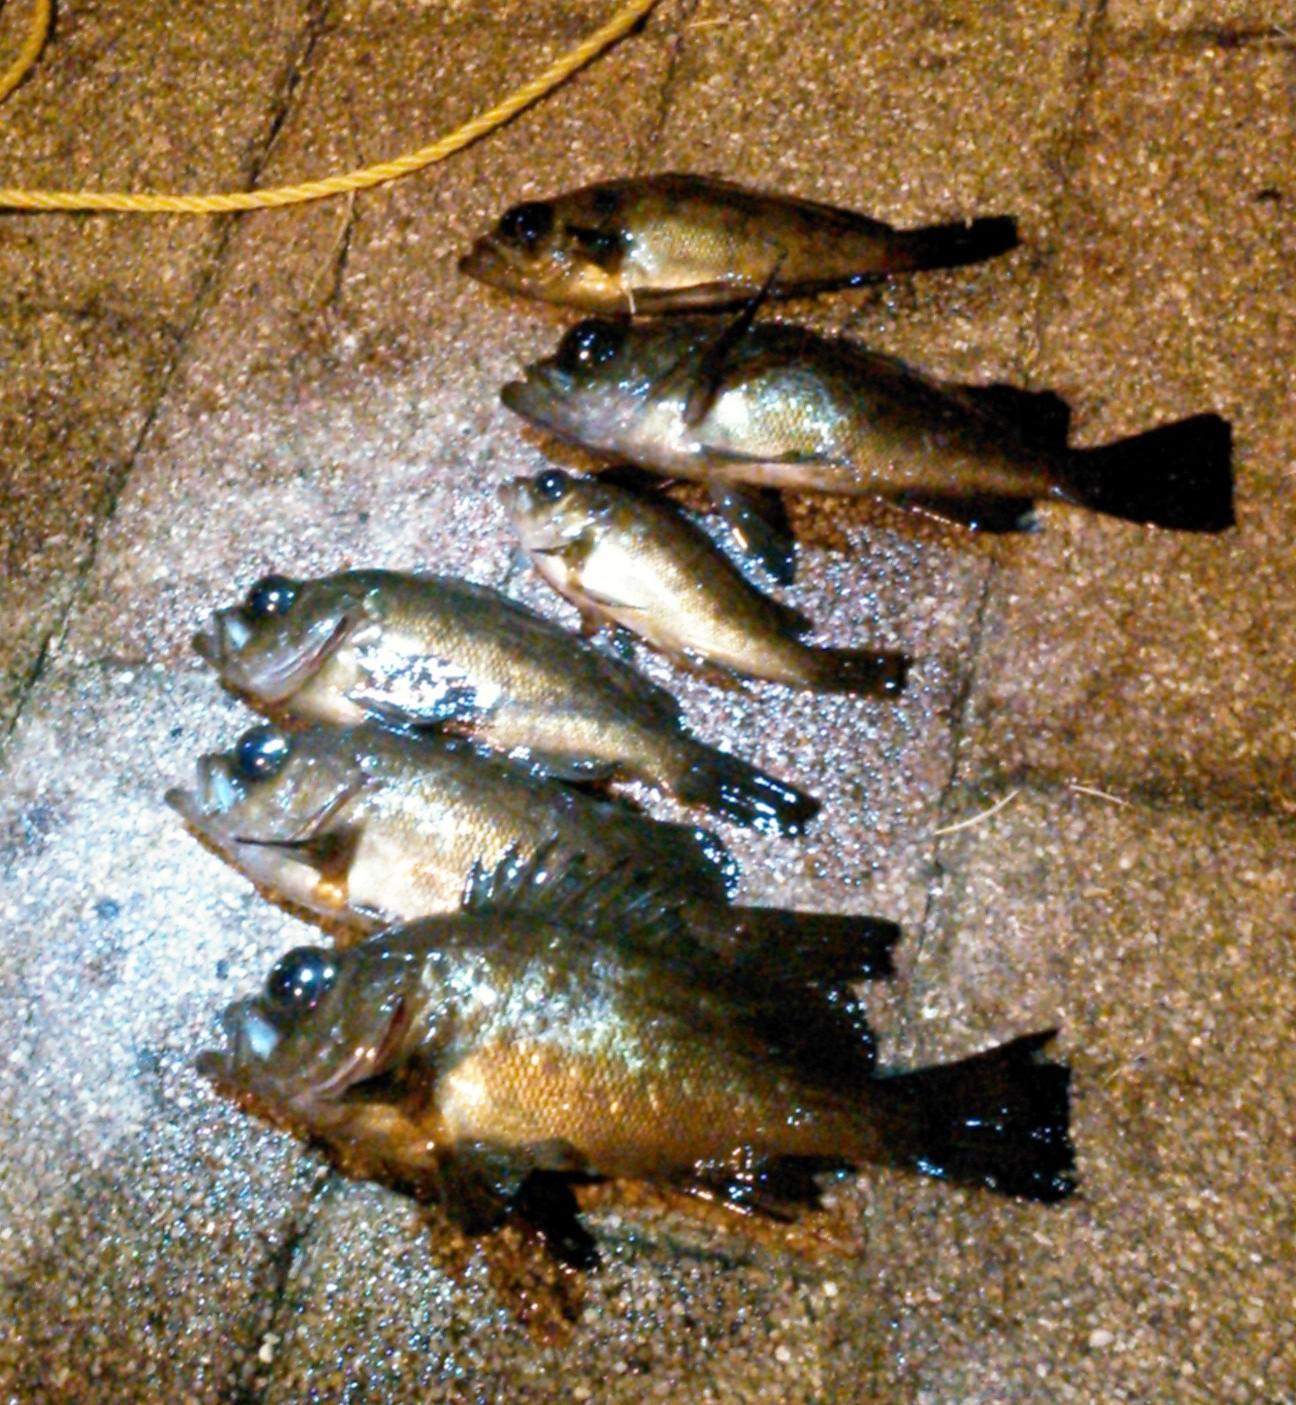 アイクル横護岸で釣った全釣果メバル6尾